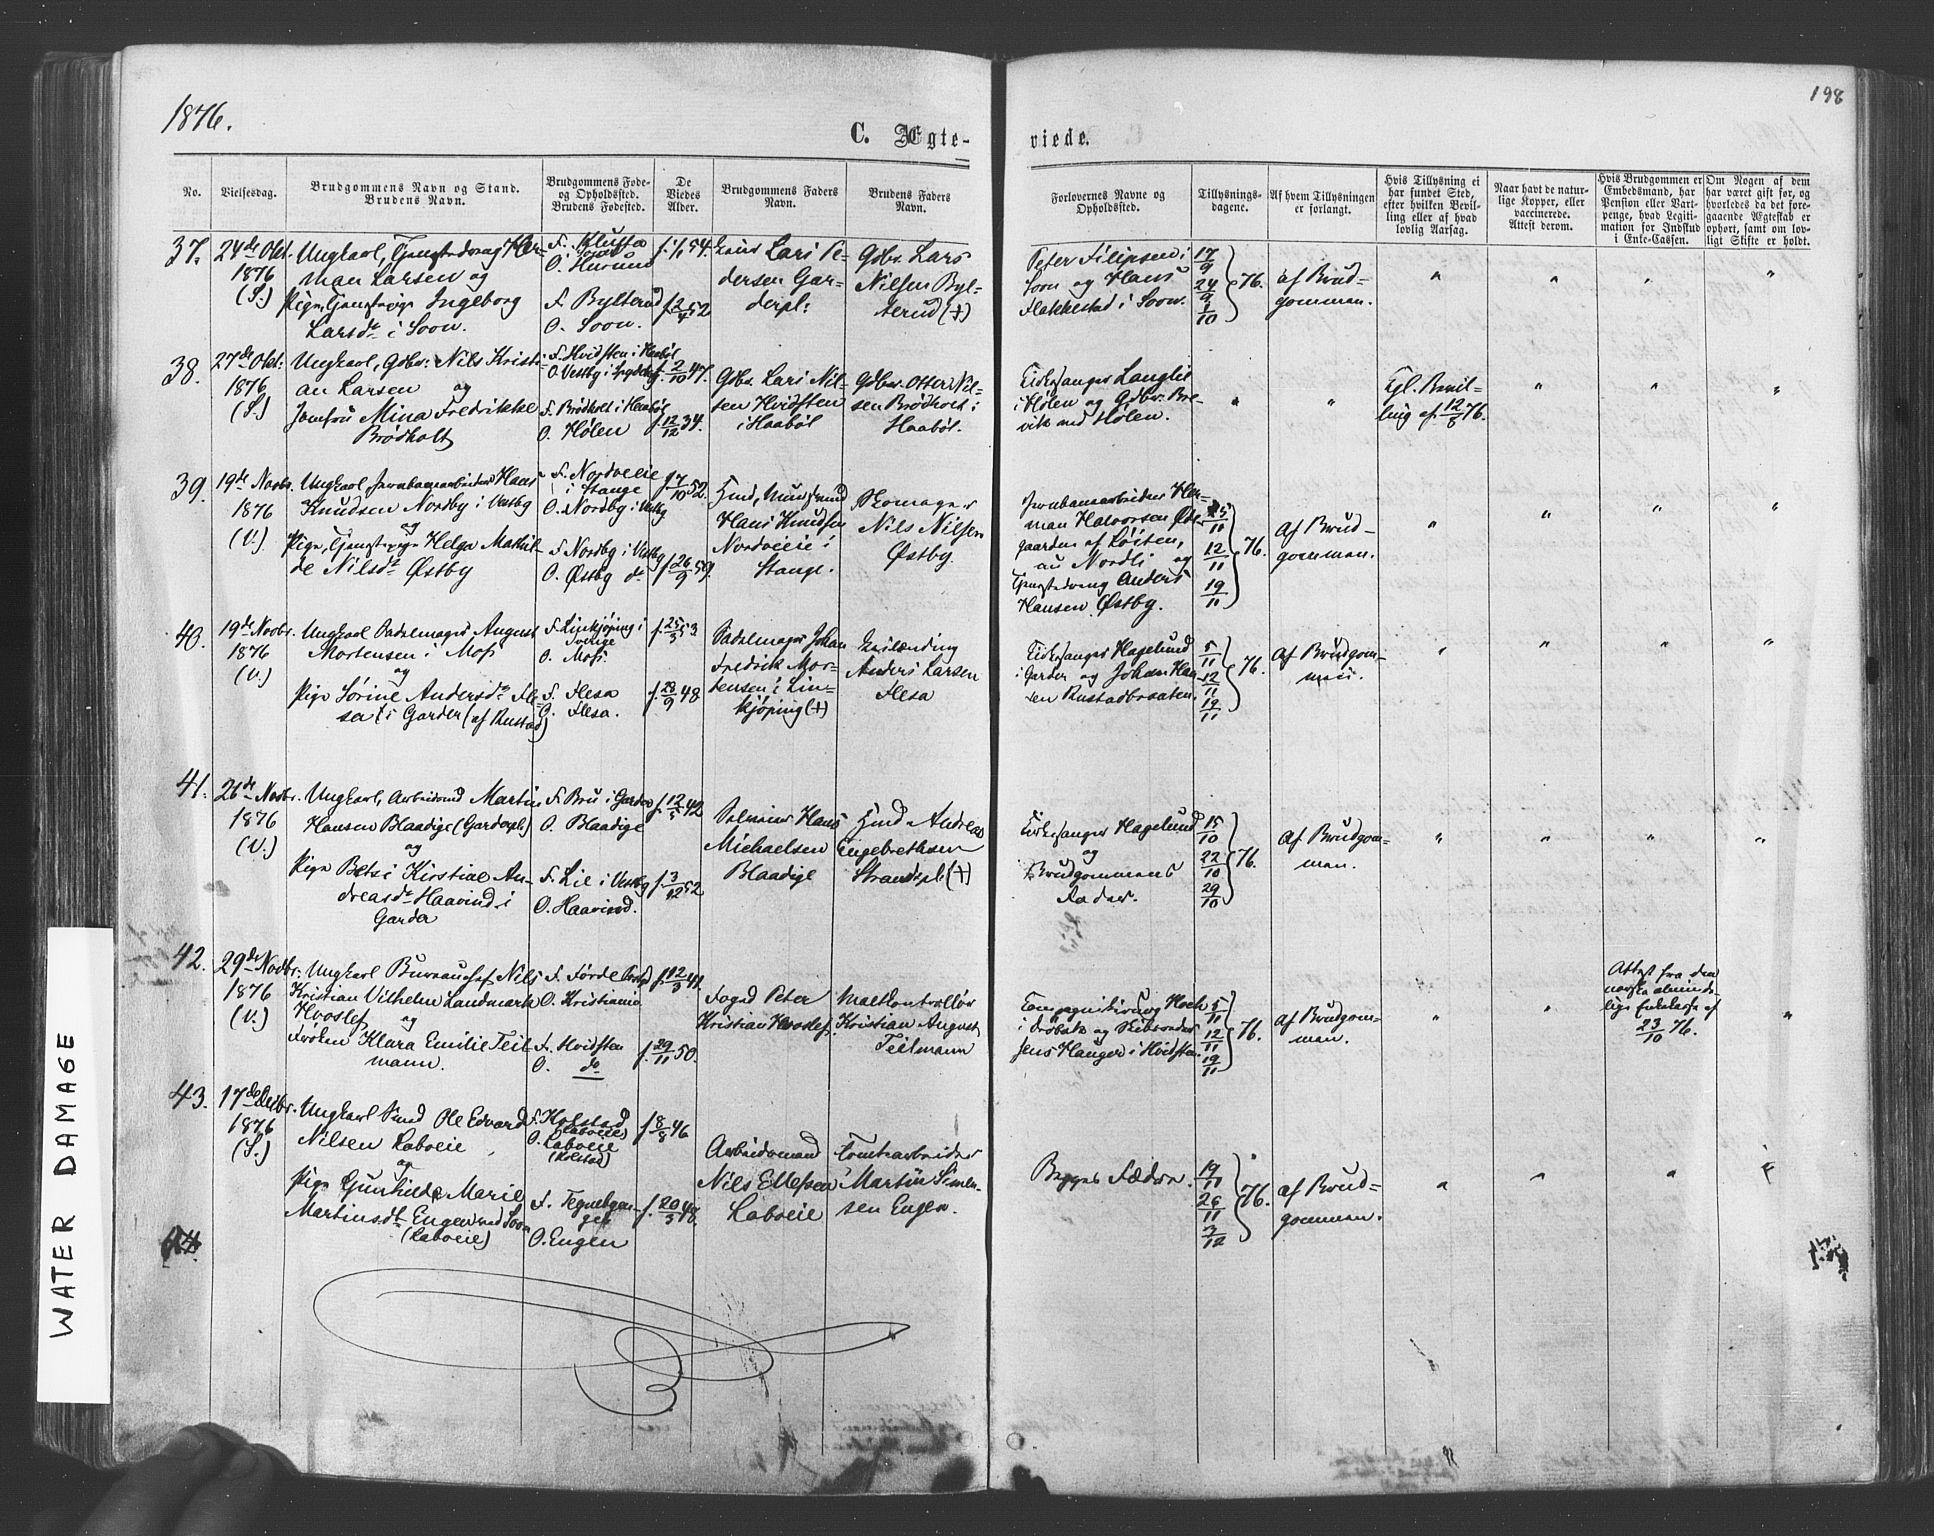 SAO, Vestby prestekontor Kirkebøker, F/Fa/L0008: Ministerialbok nr. I 8, 1863-1877, s. 198